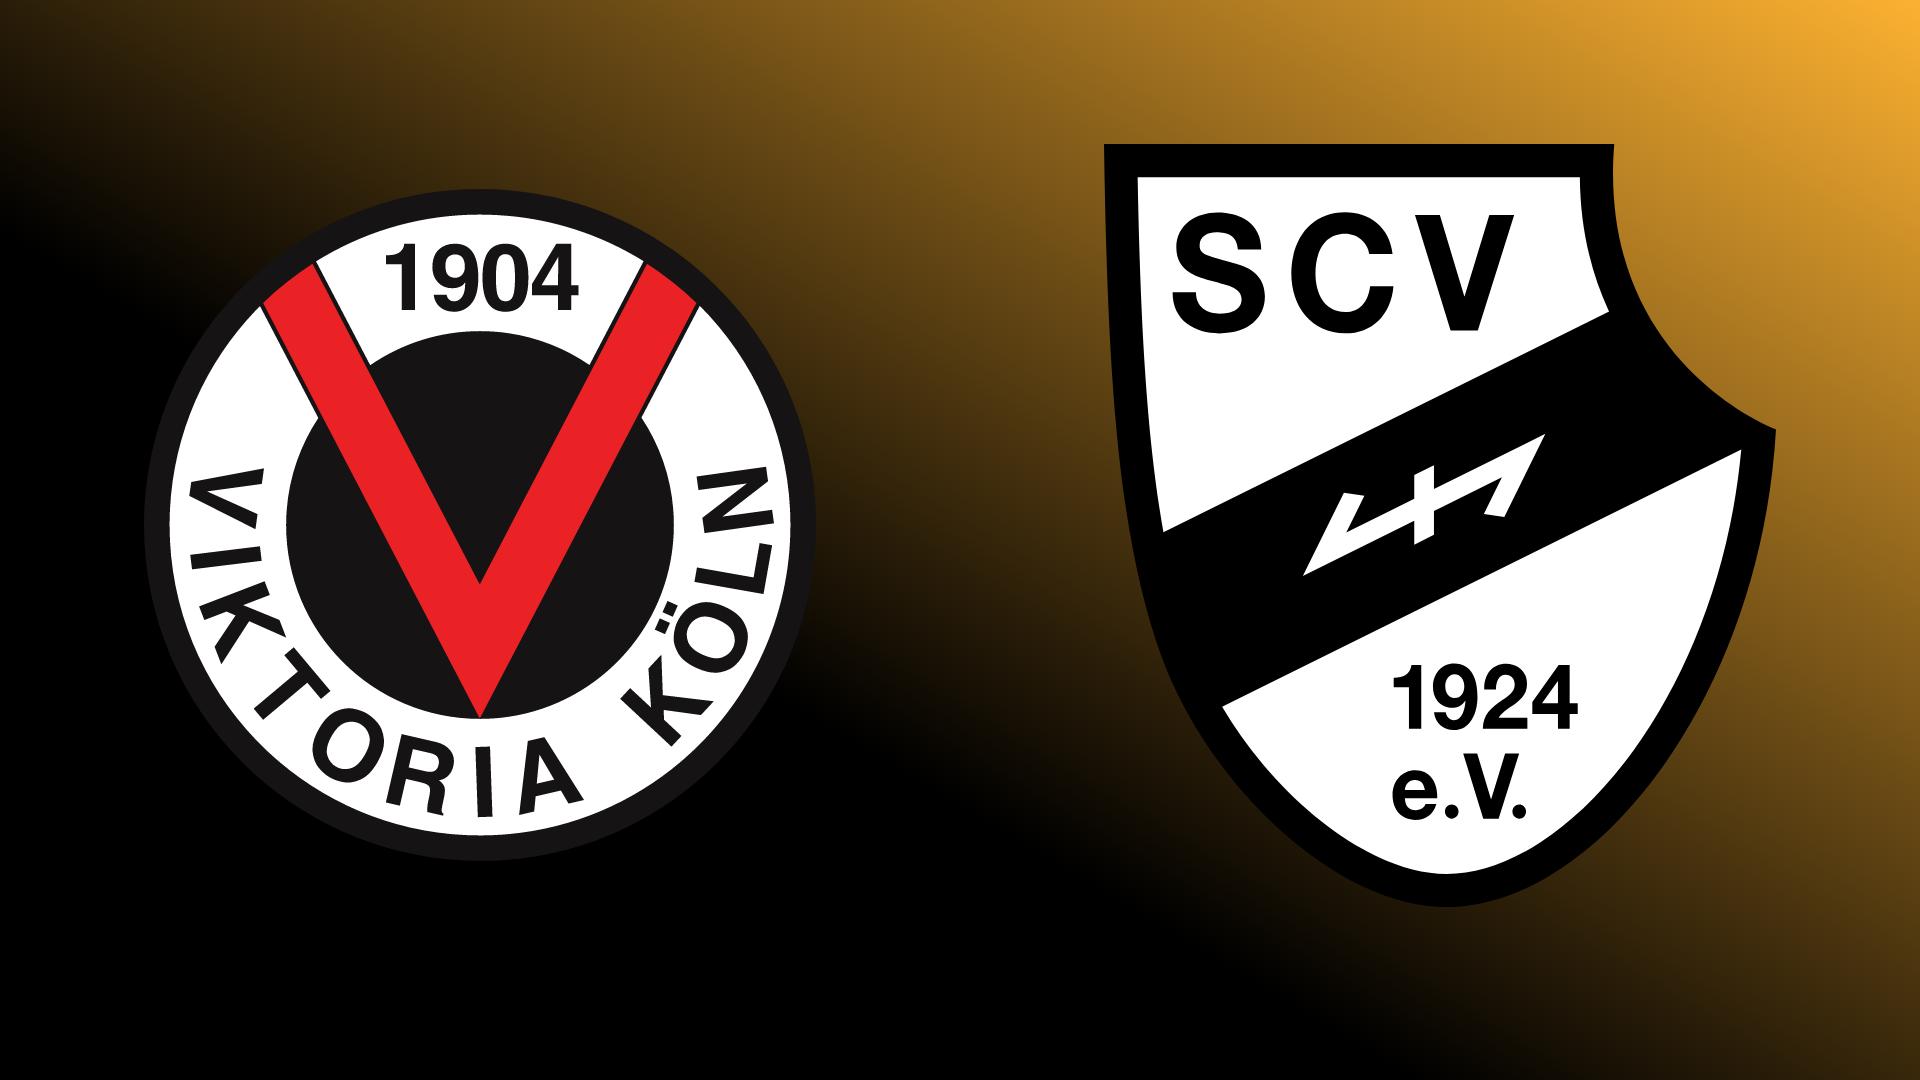 FC Viktoria Köln - SC Verl 23.04.2021 um 18:30 Uhr auf Magenta Sport